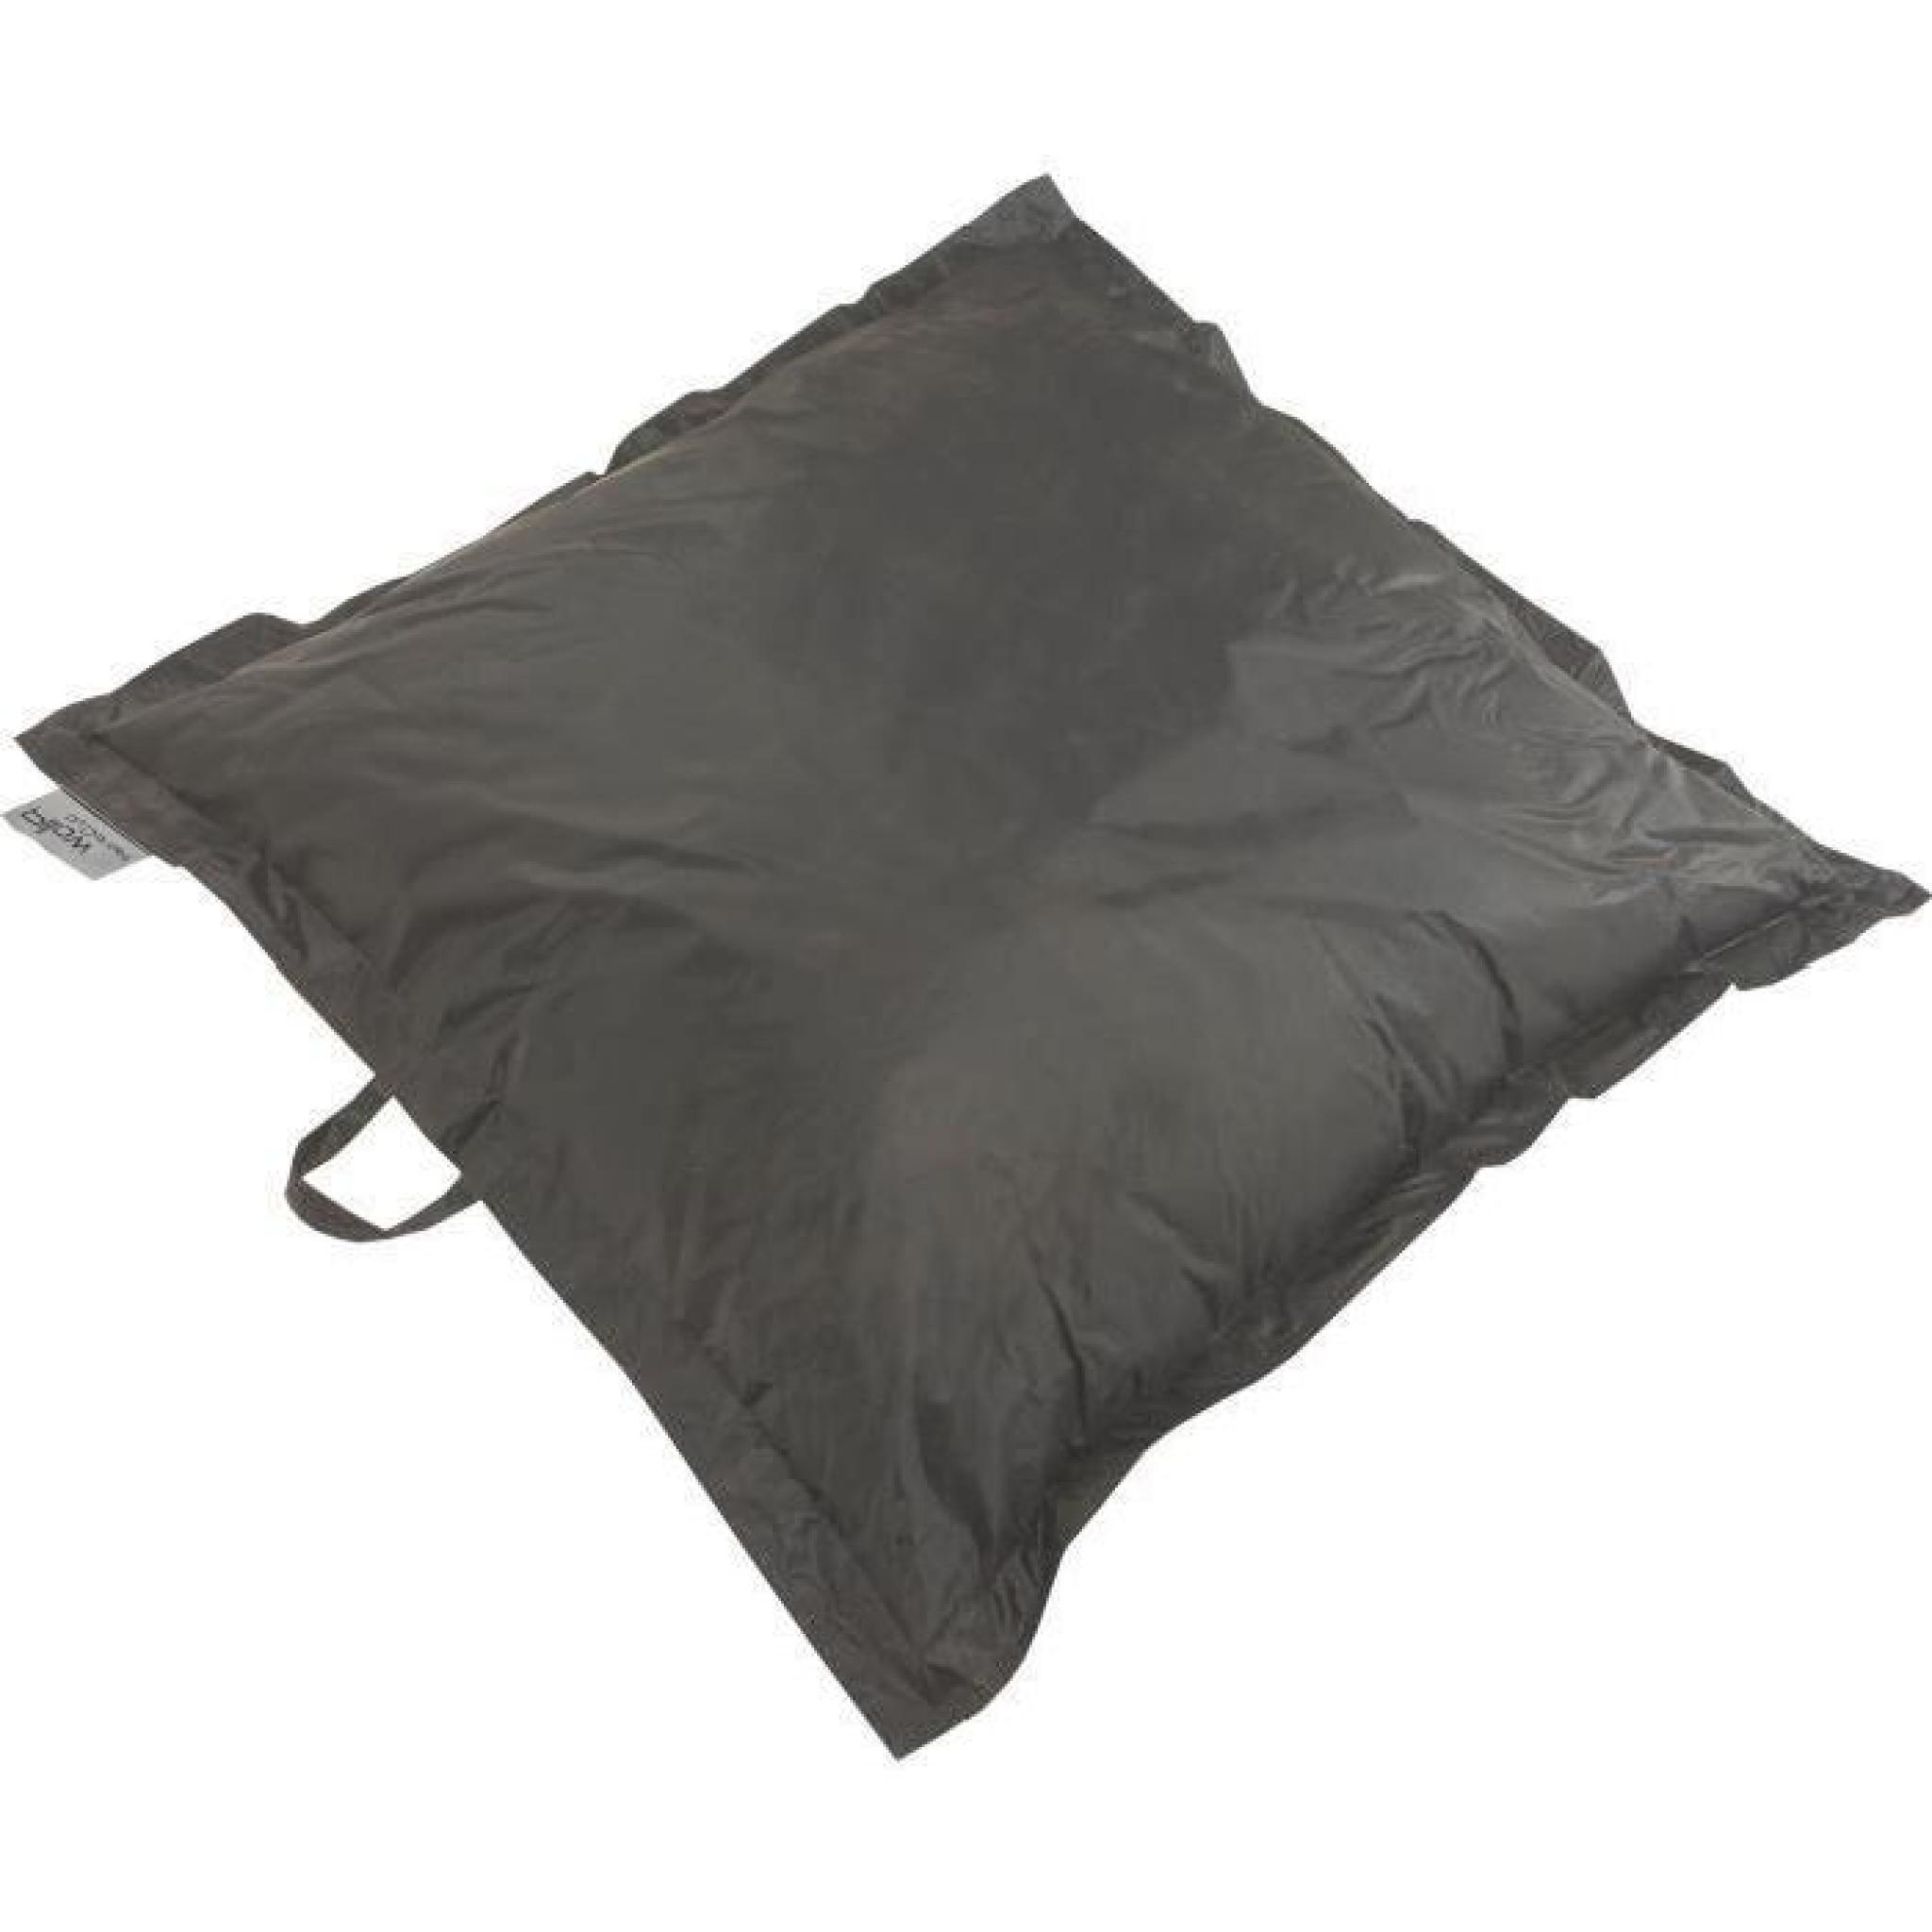 coussin pouf xxl imperm able turquoise 120x120 cm achat vente pouf exterieur pas cher. Black Bedroom Furniture Sets. Home Design Ideas